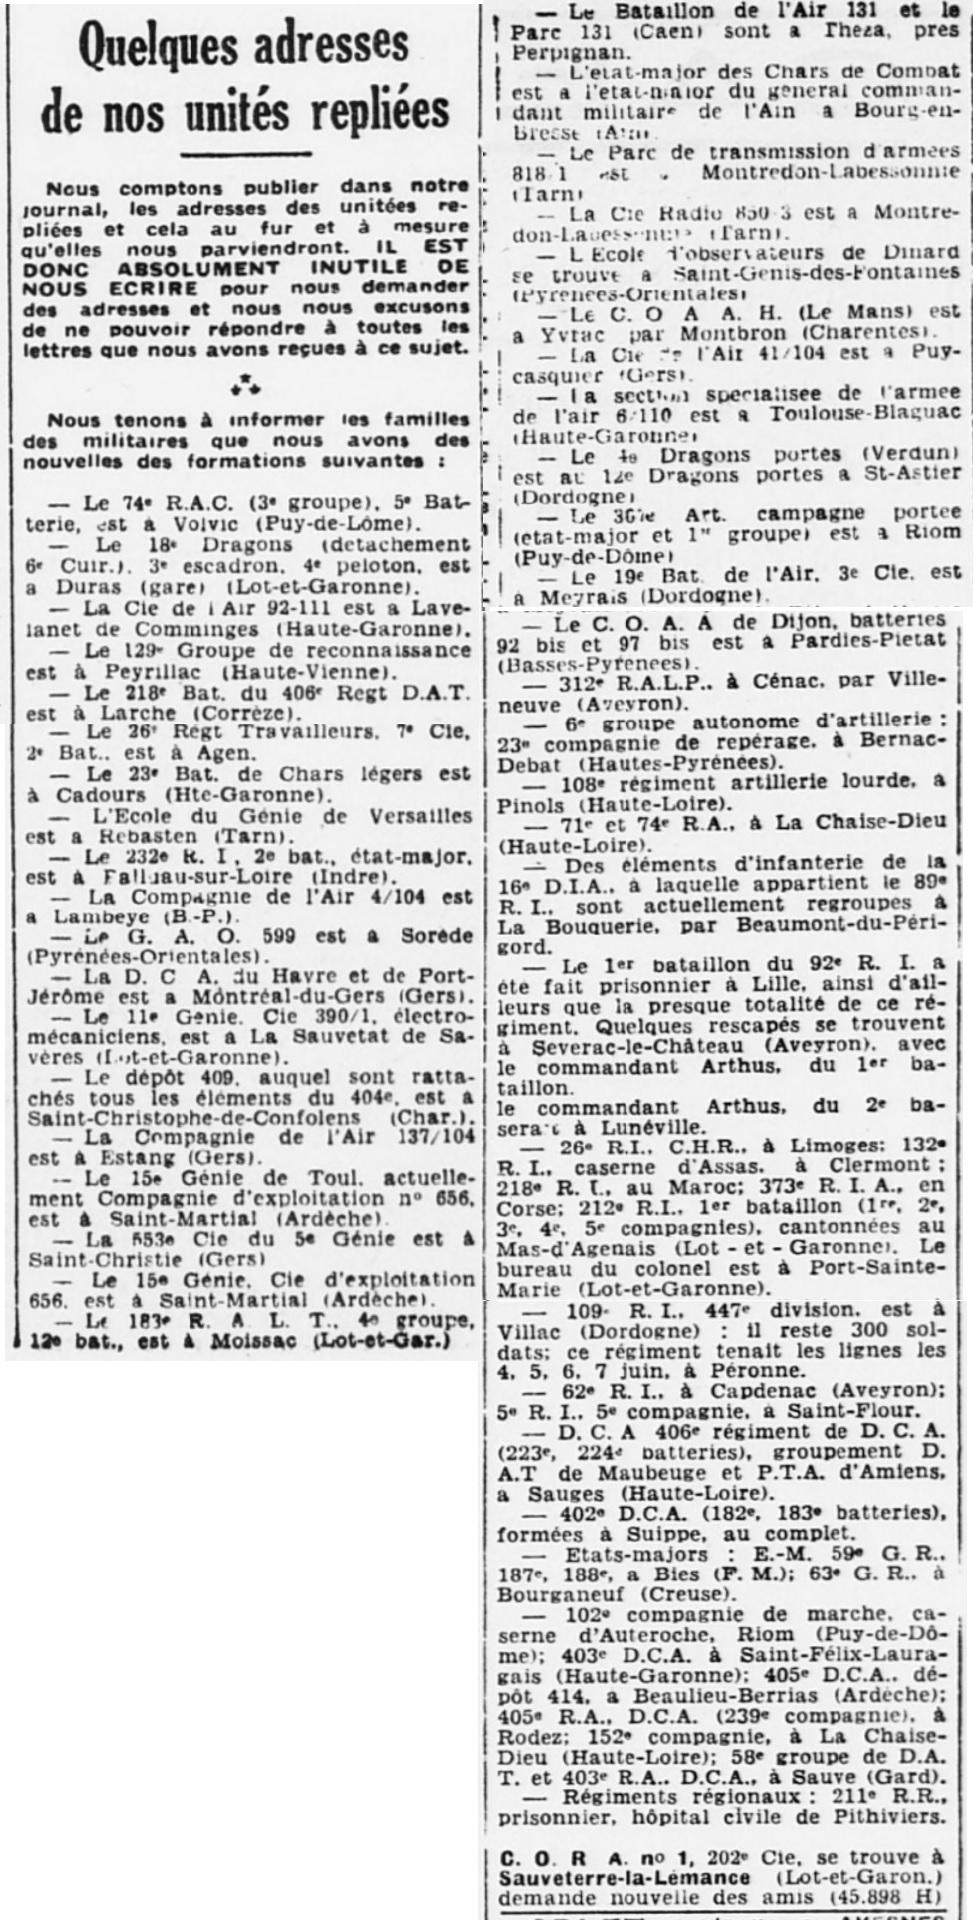 Liste des centres de repli des unités françaises 19400729